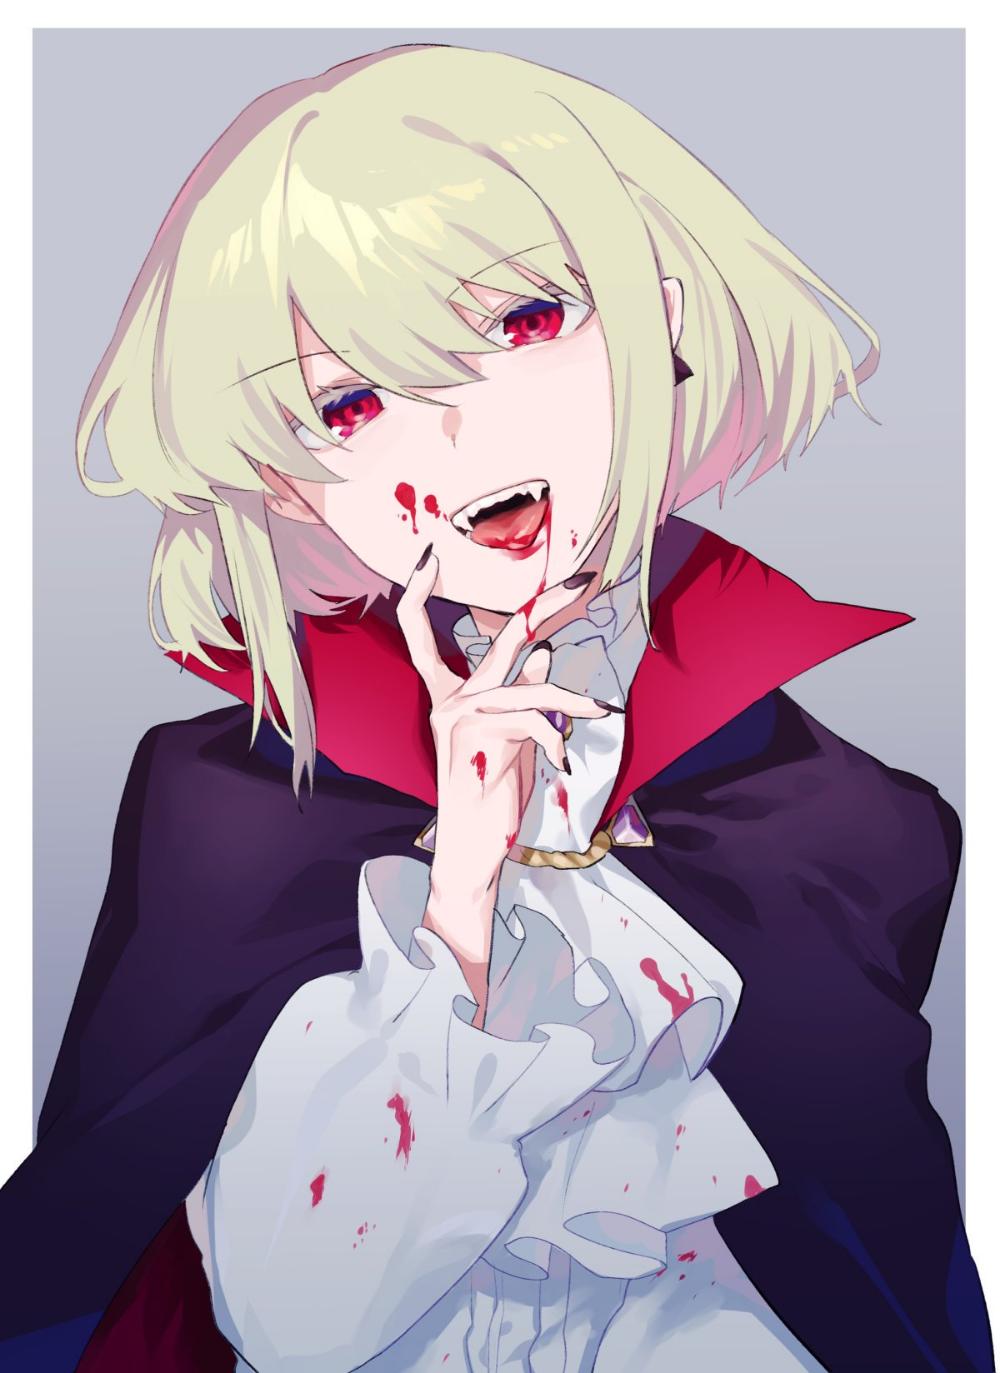 萌葱 on in 2020 Manga anime, Character art, Anime